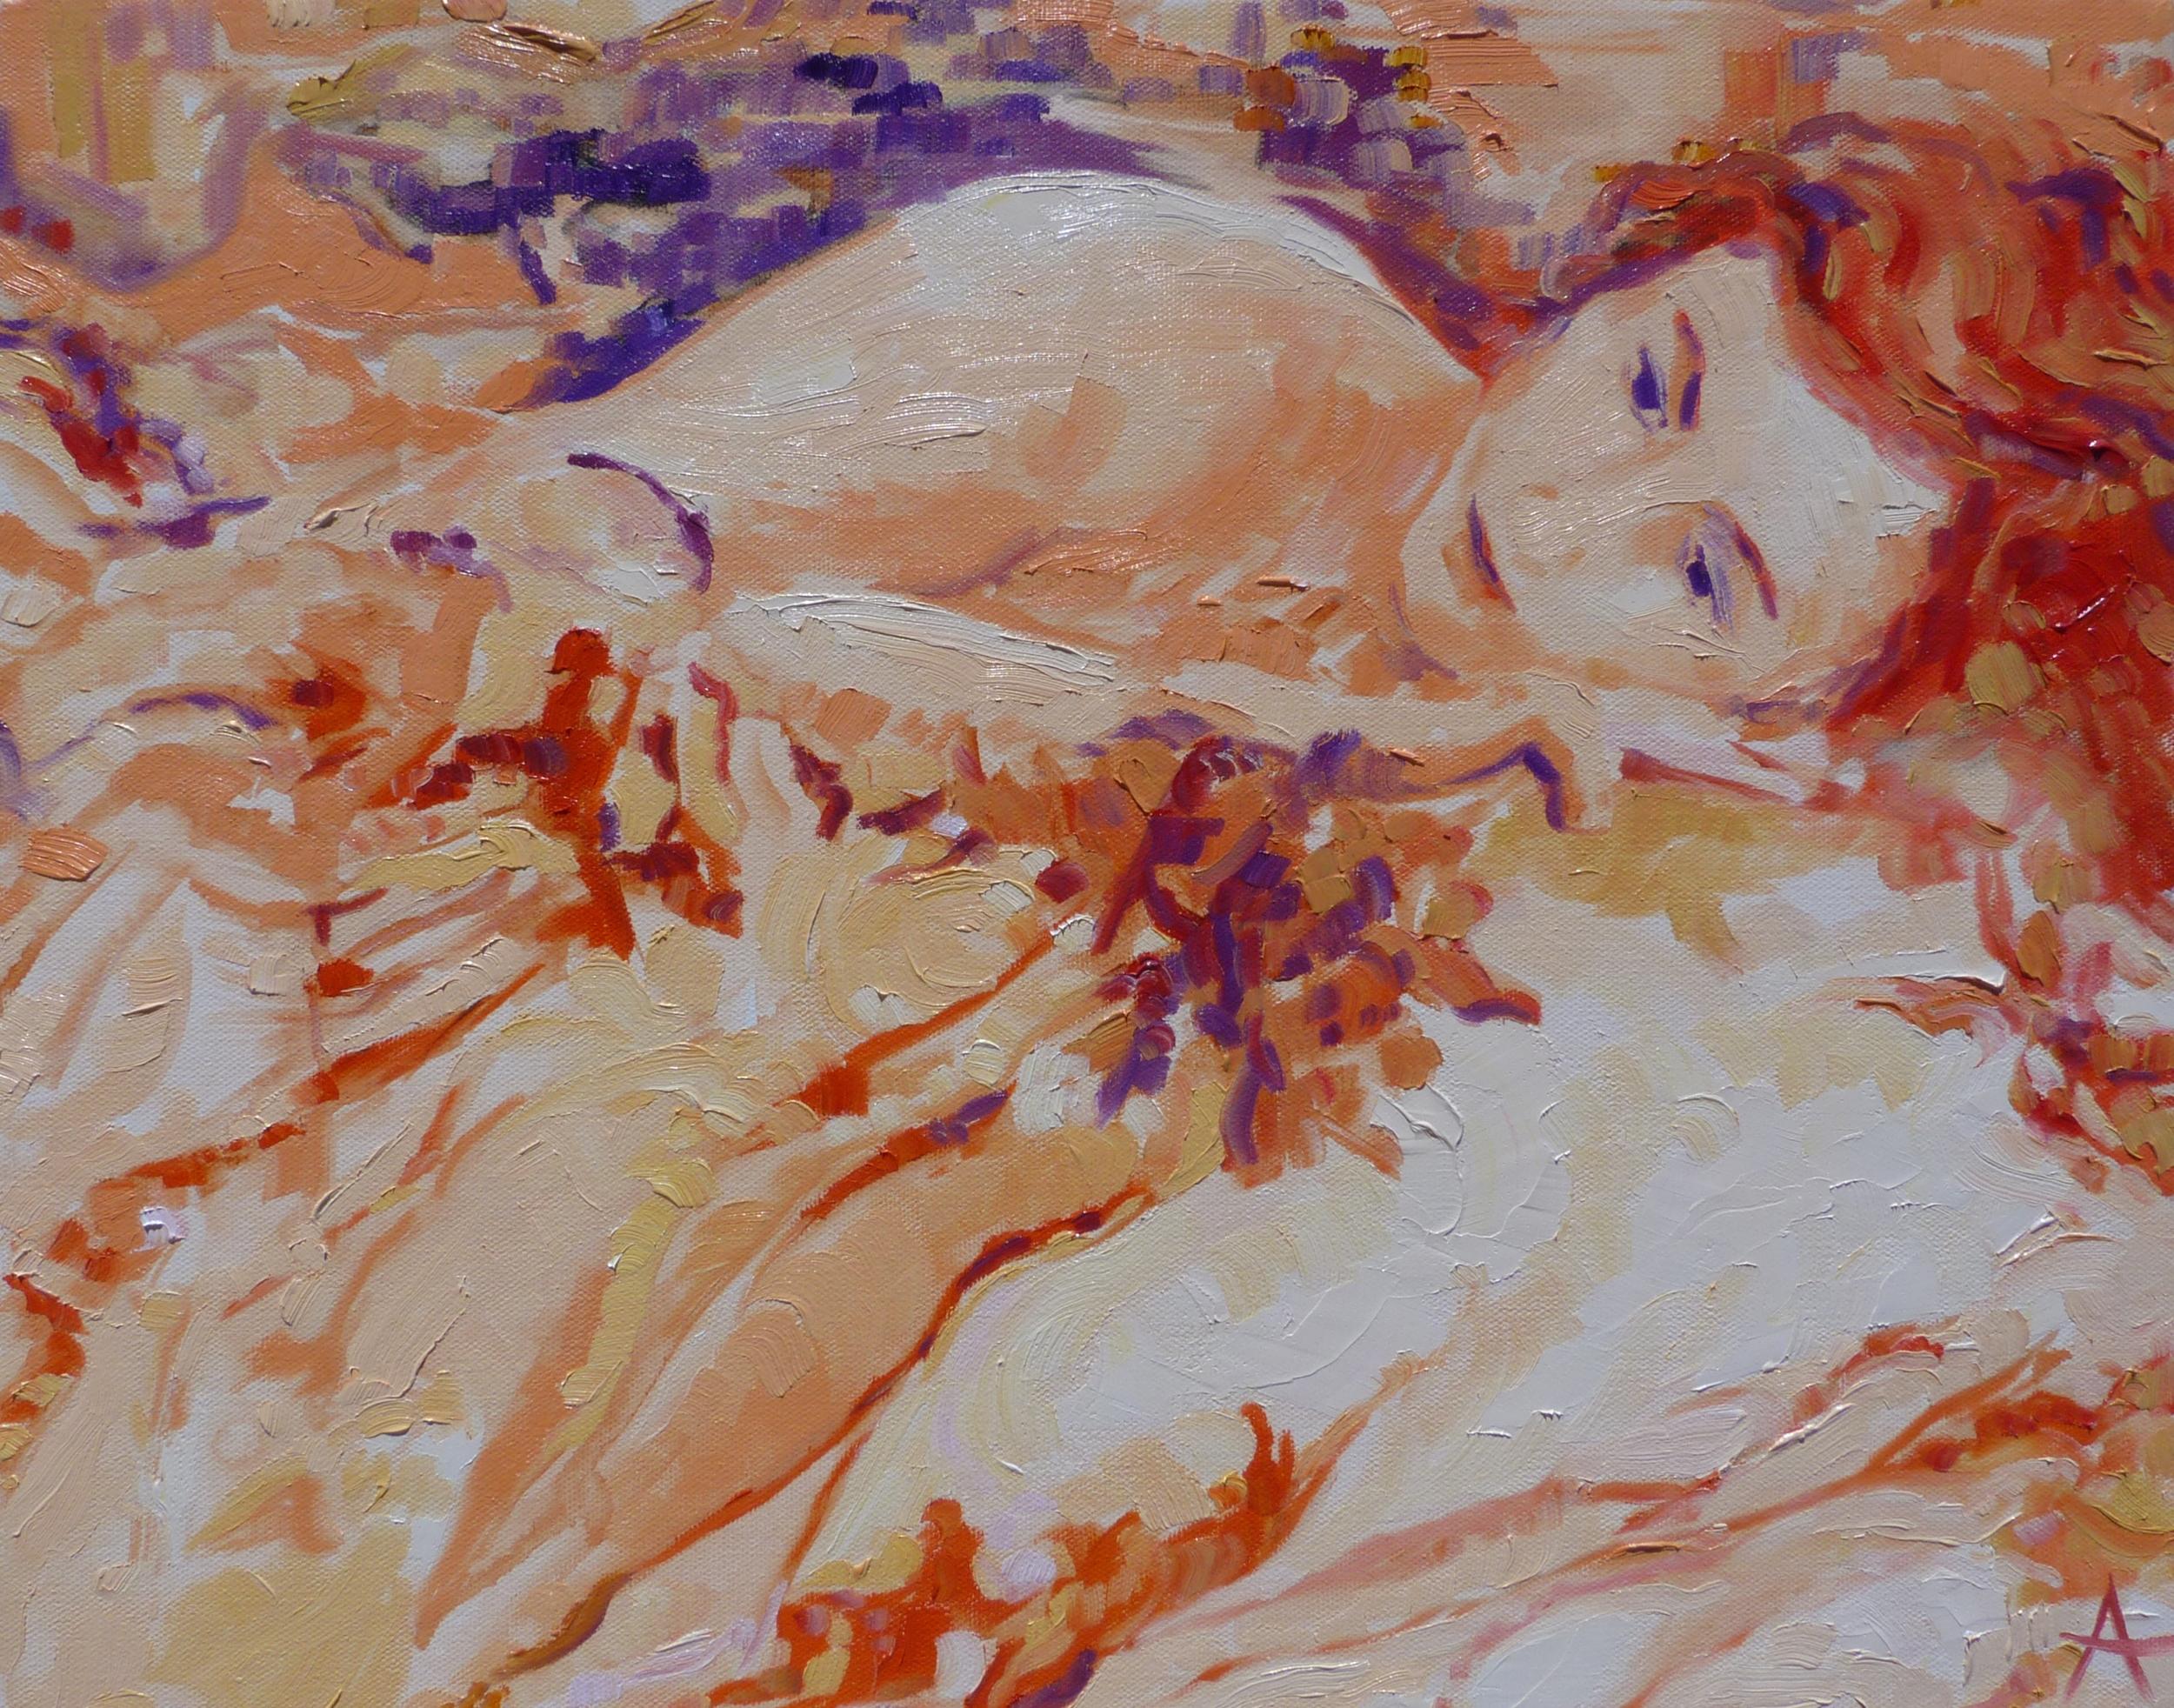 """SOLD, Thinking on It, Copyright 2012 Hirschten, Oil on Canvas, 16"""" x 20"""""""